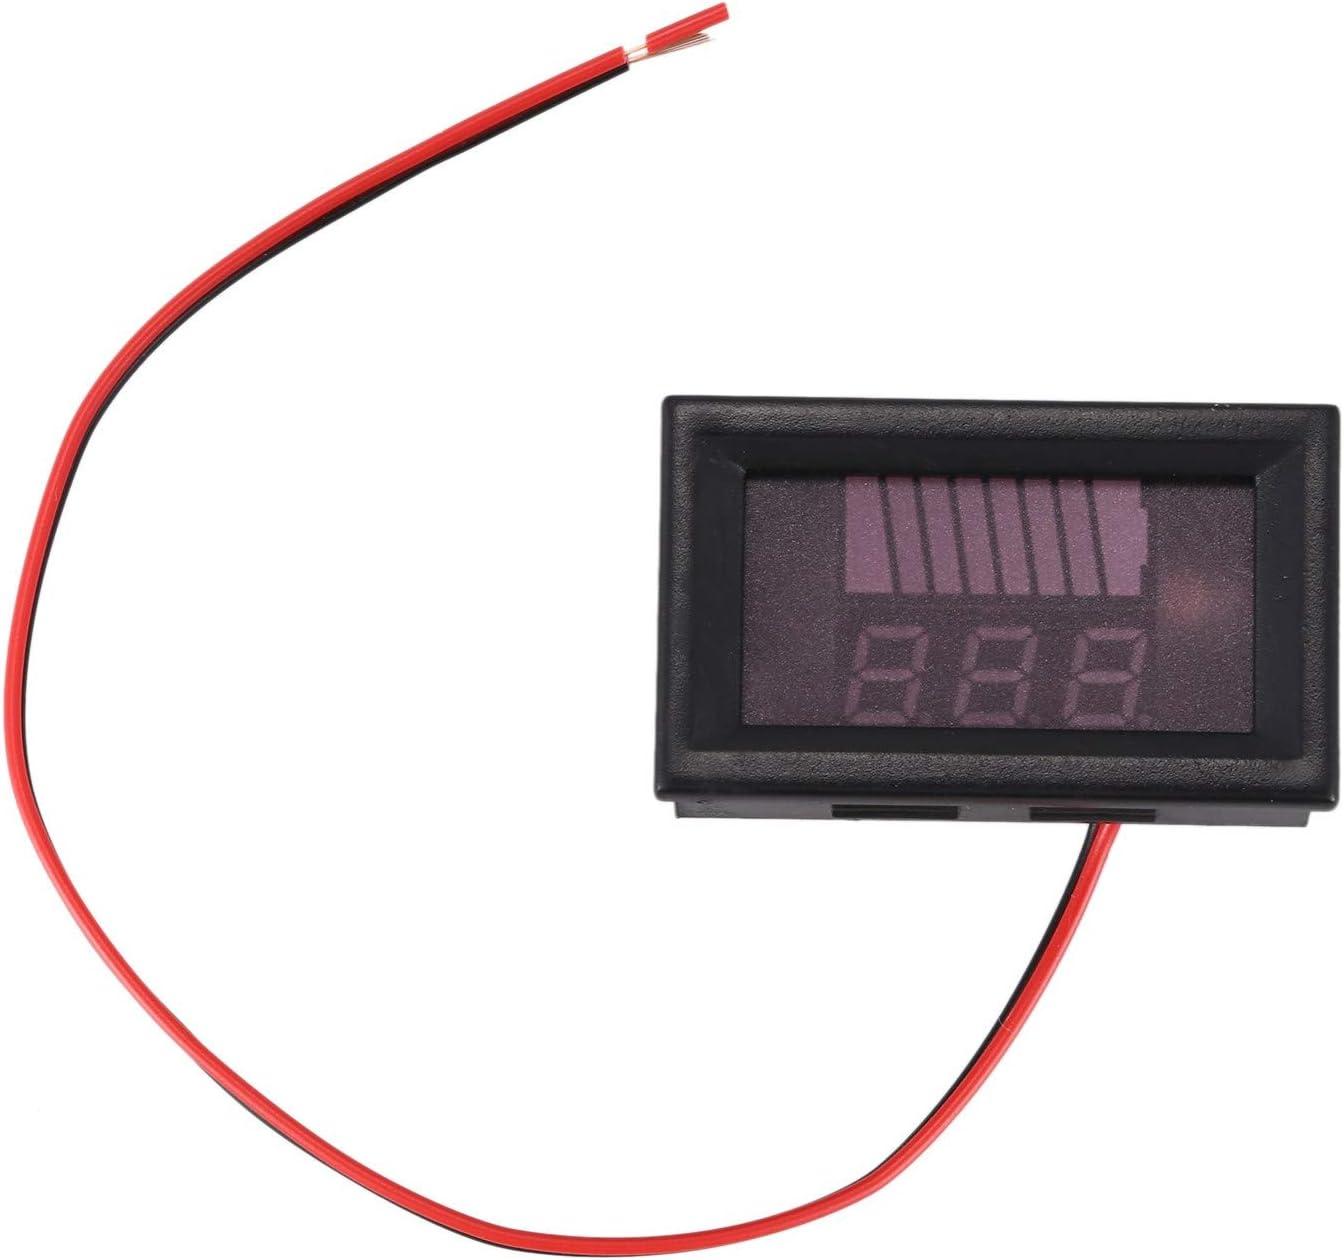 Mucjun 12 V-60 V Elektronischer Auto-Akku-Z/ähler Anzeige DC Voltmeter Autobatterie Lithium Digital